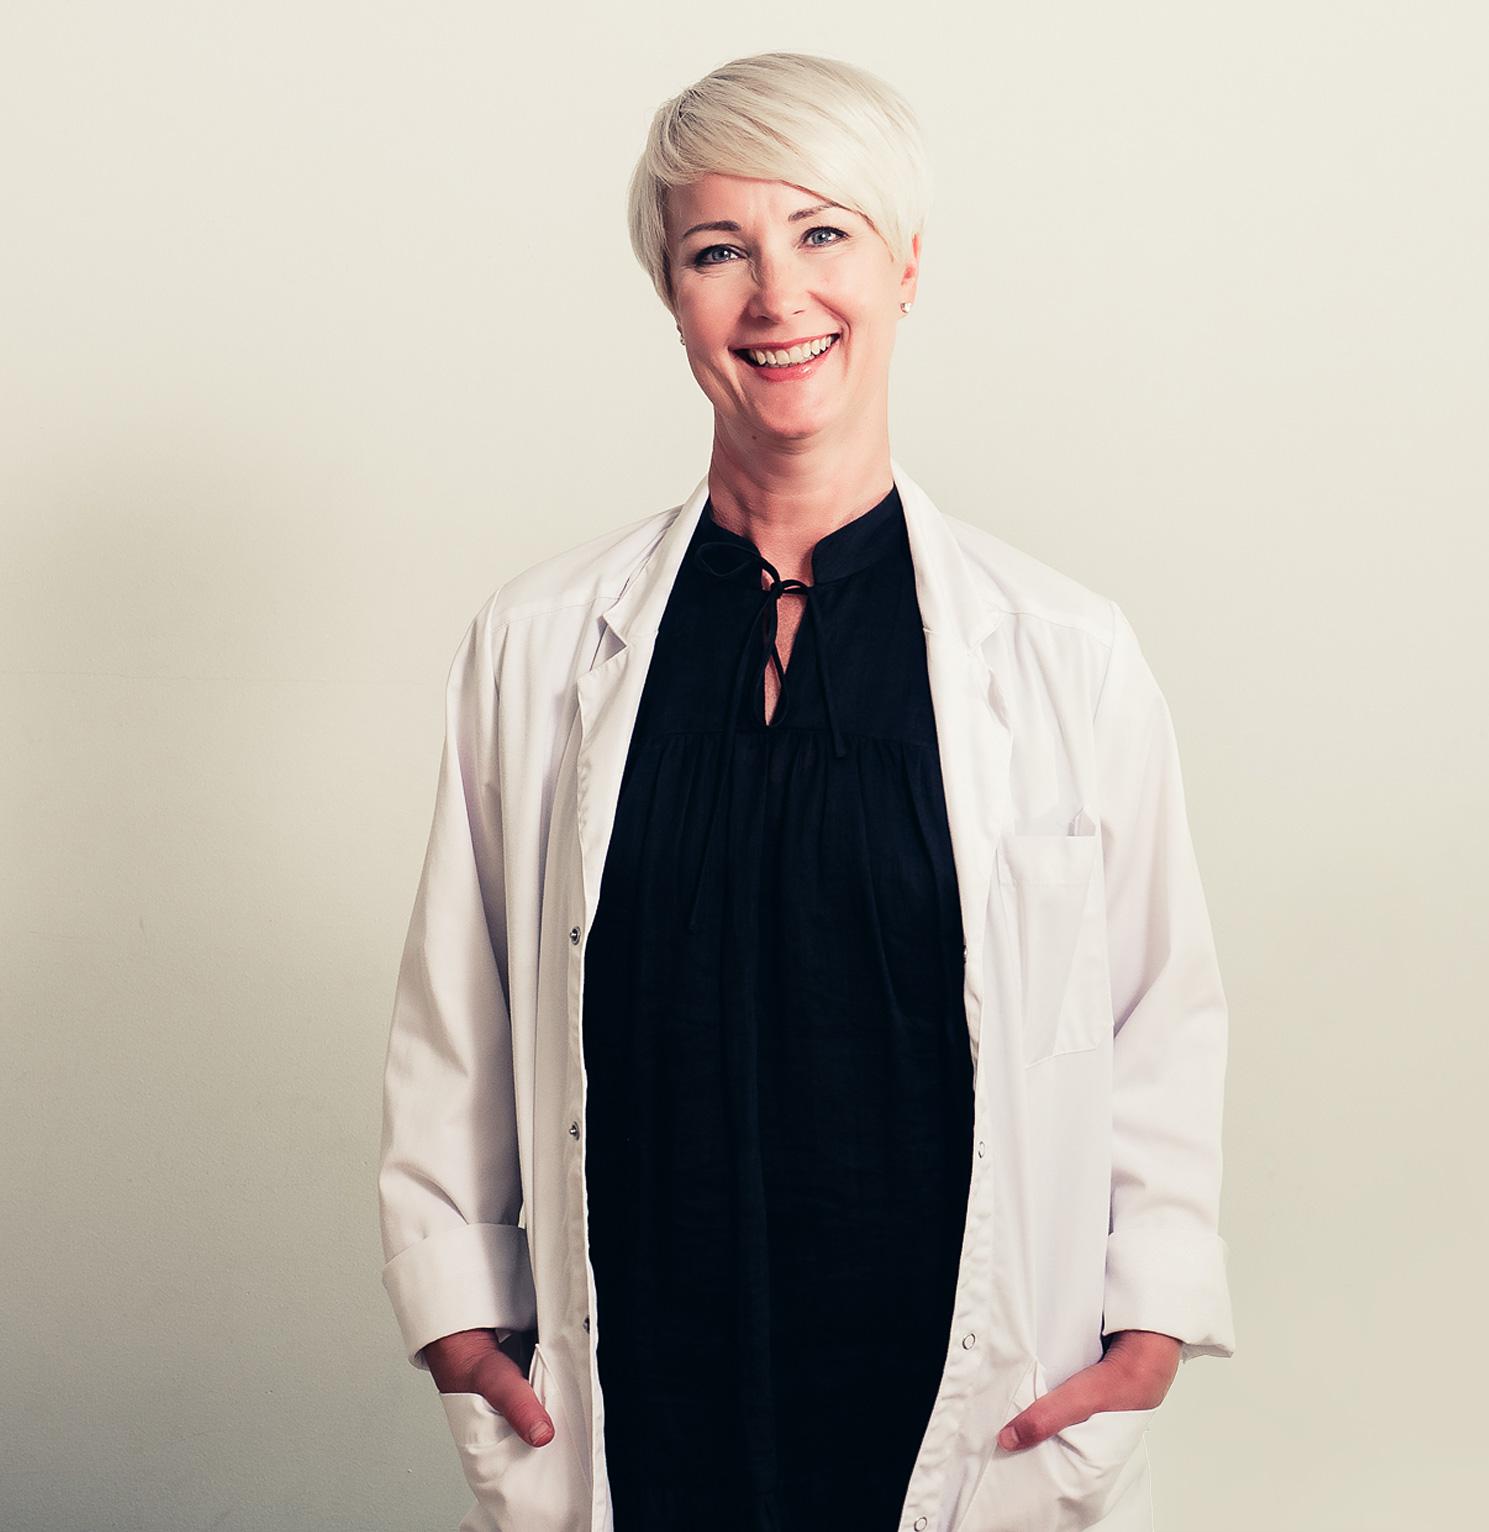 Gynekologi Nonna Heiskanen kehitti Nomai-kuukupin